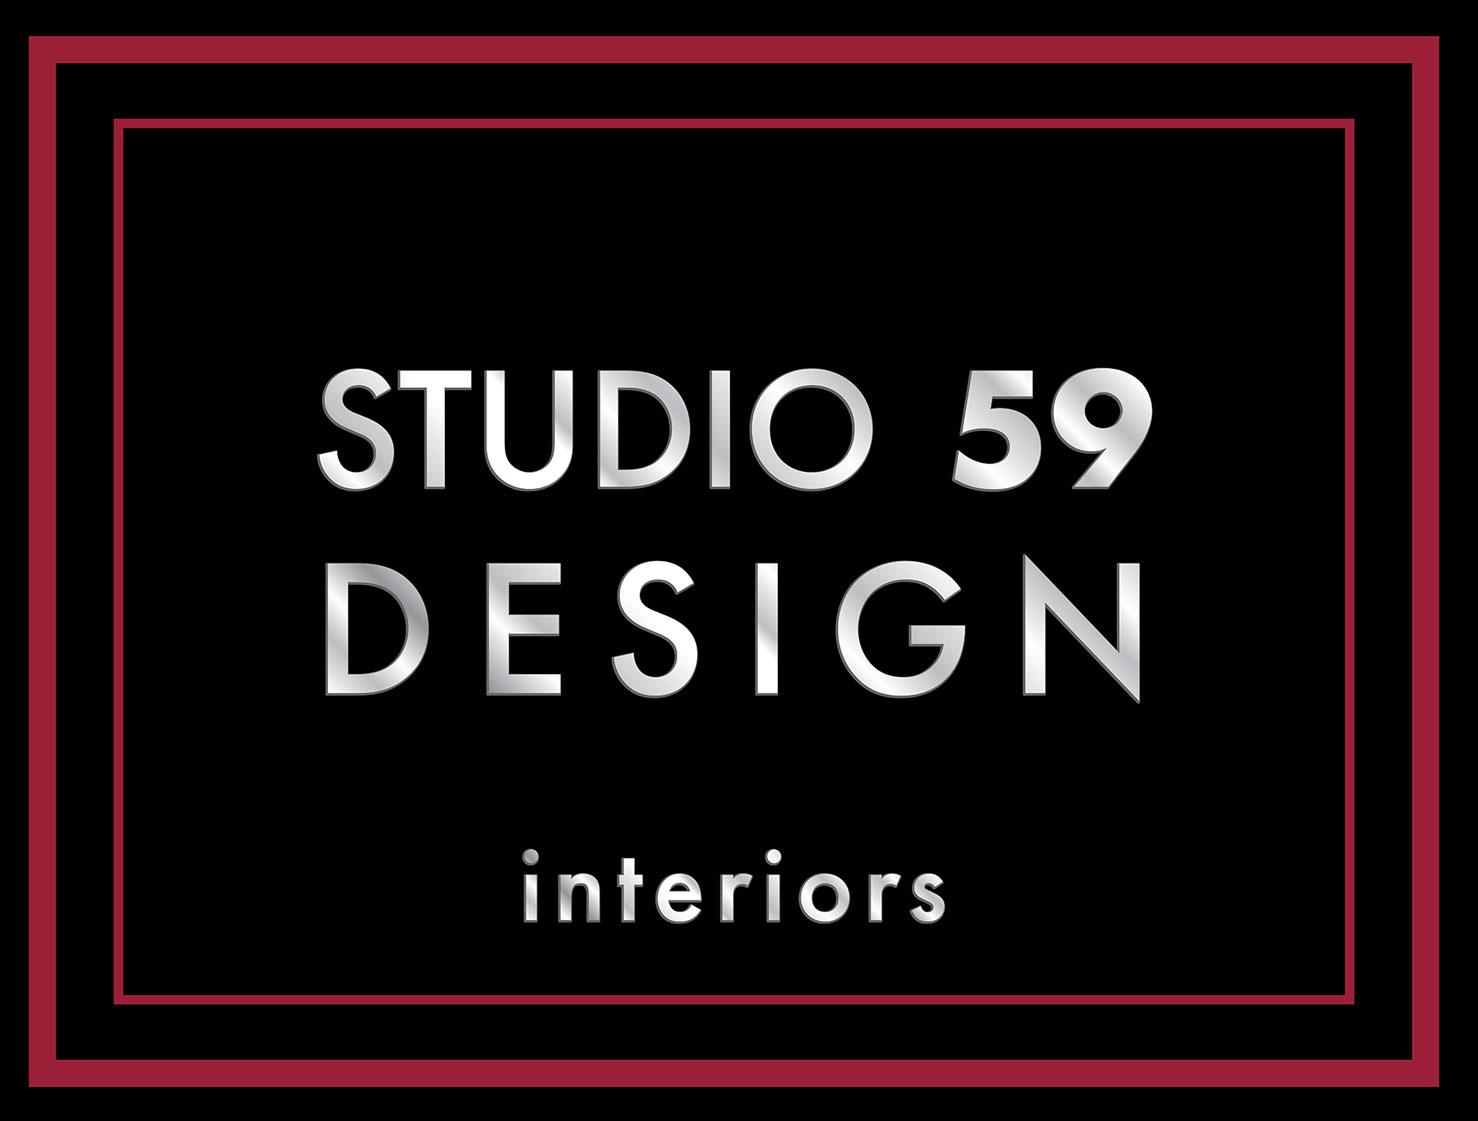 Studio 59 Design